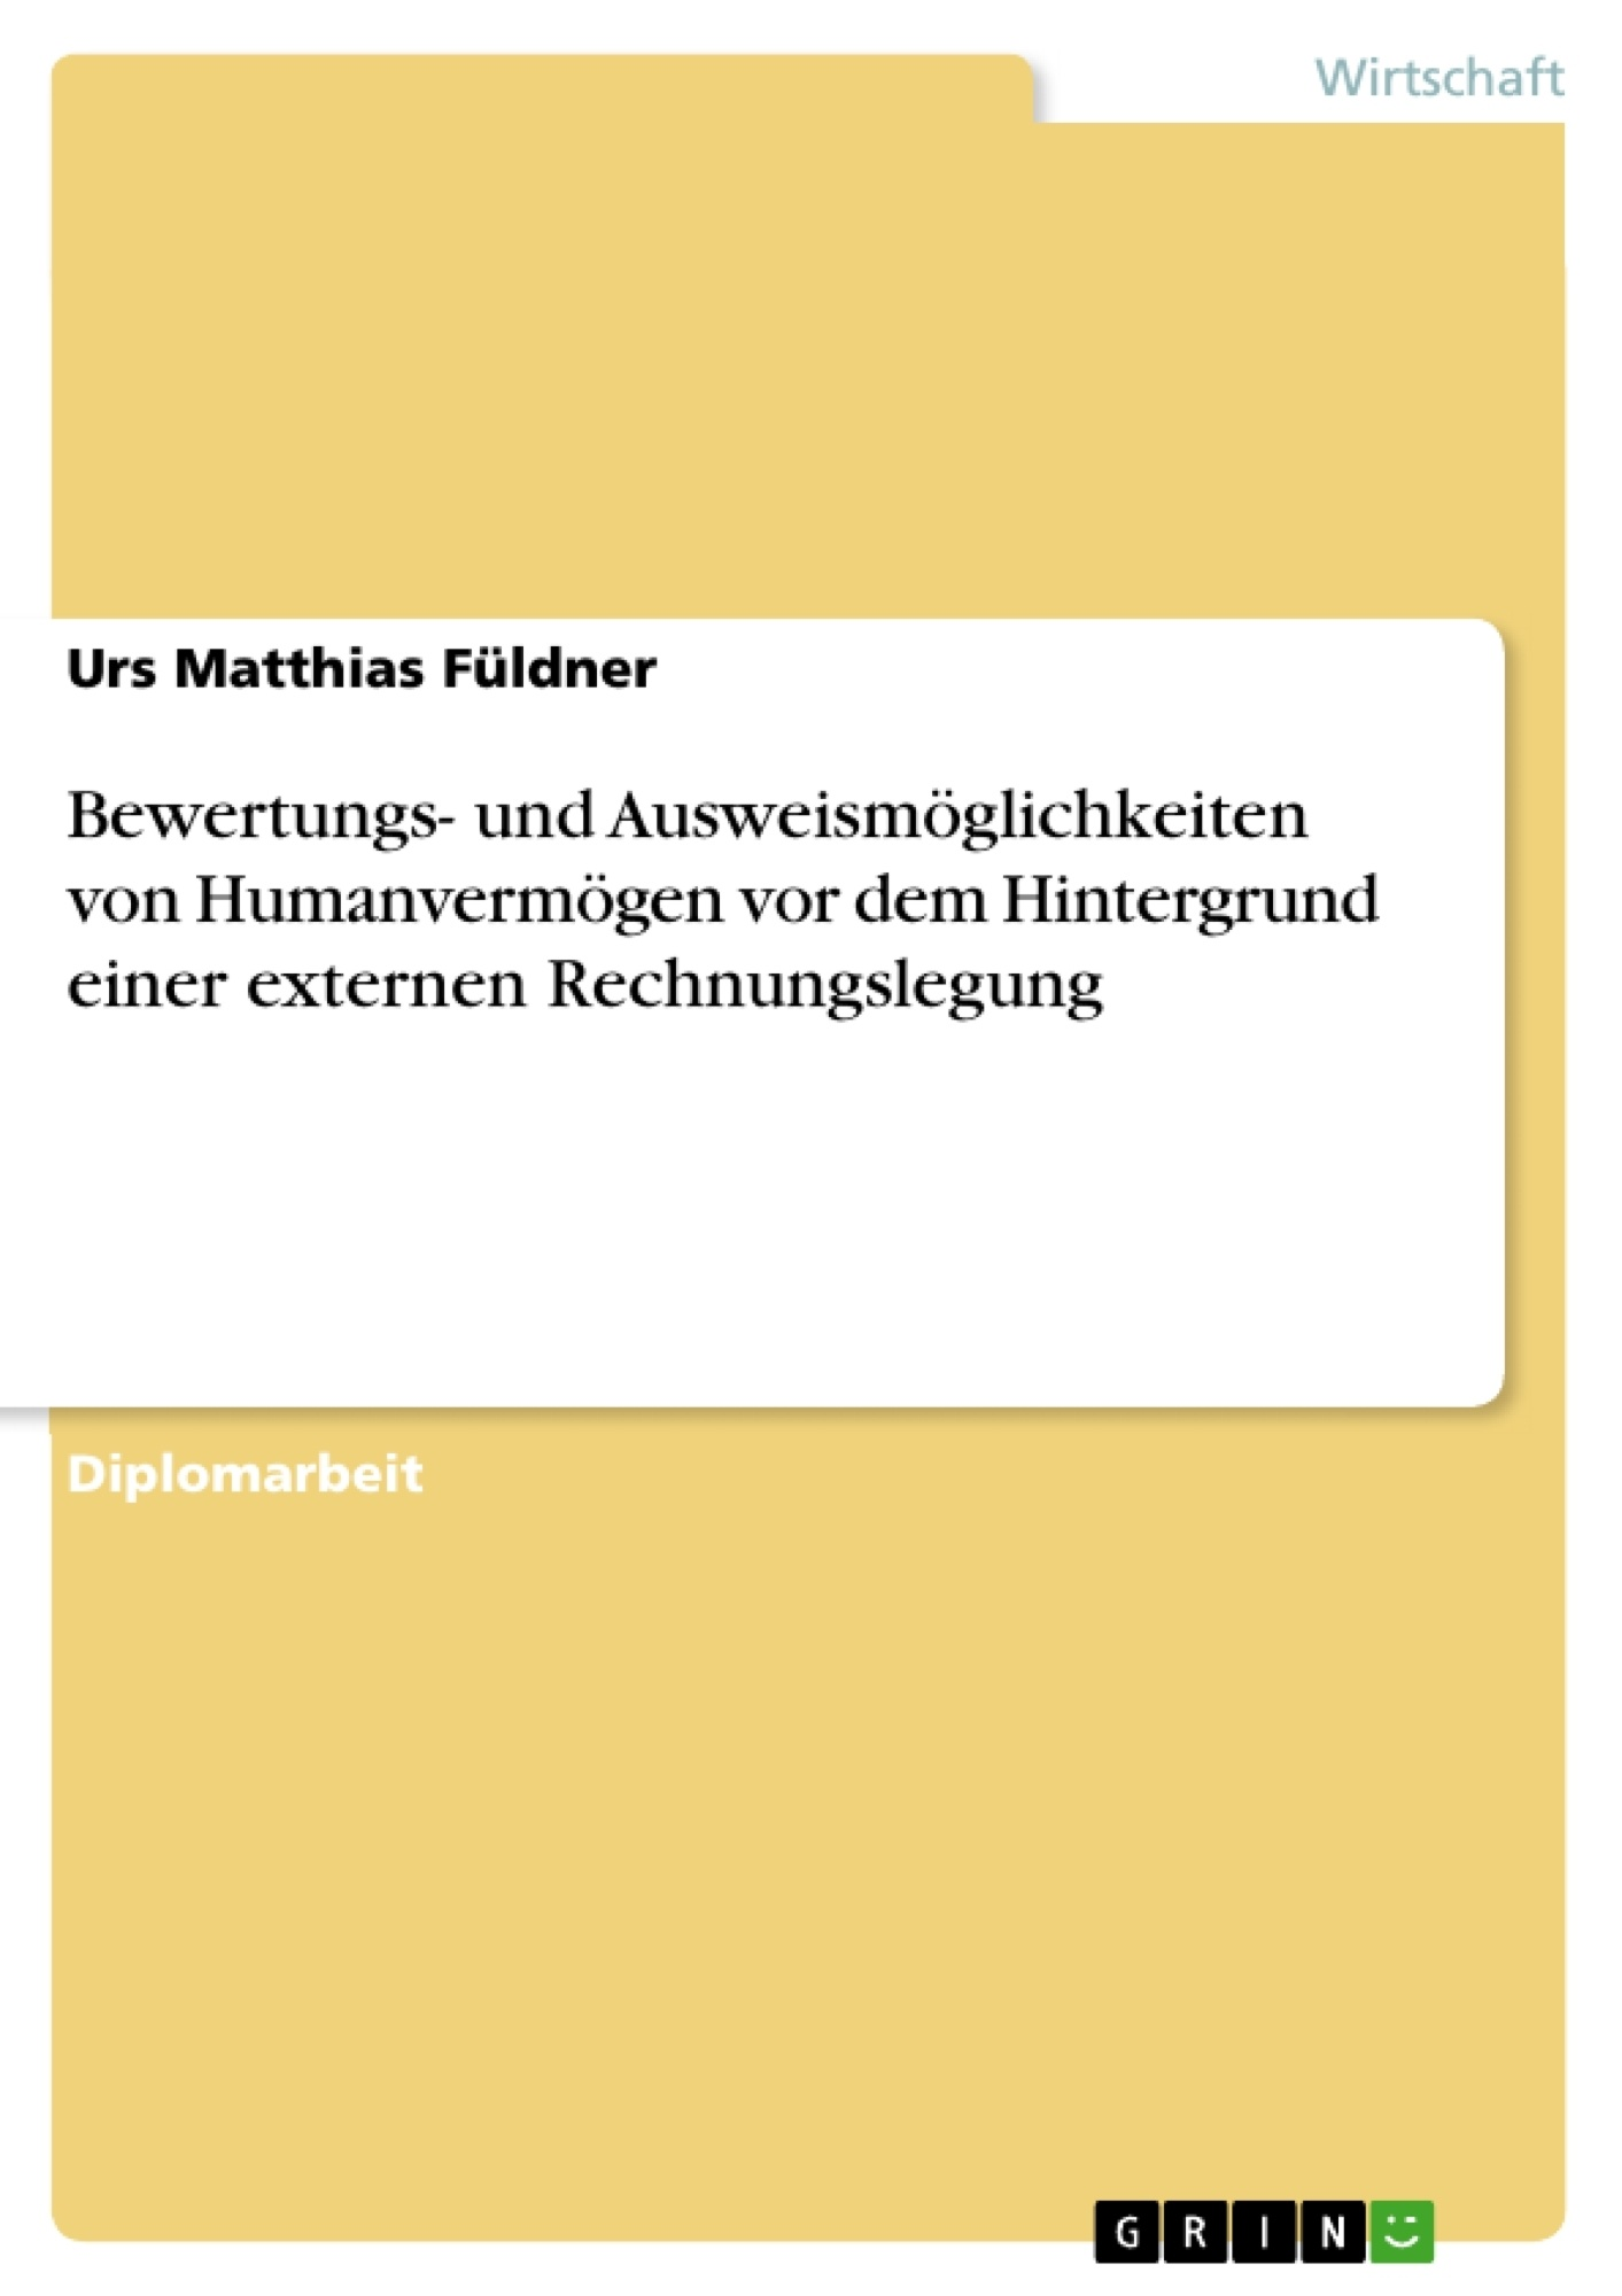 Titel: Bewertungs- und Ausweismöglichkeiten von Humanvermögen vor dem Hintergrund einer externen Rechnungslegung